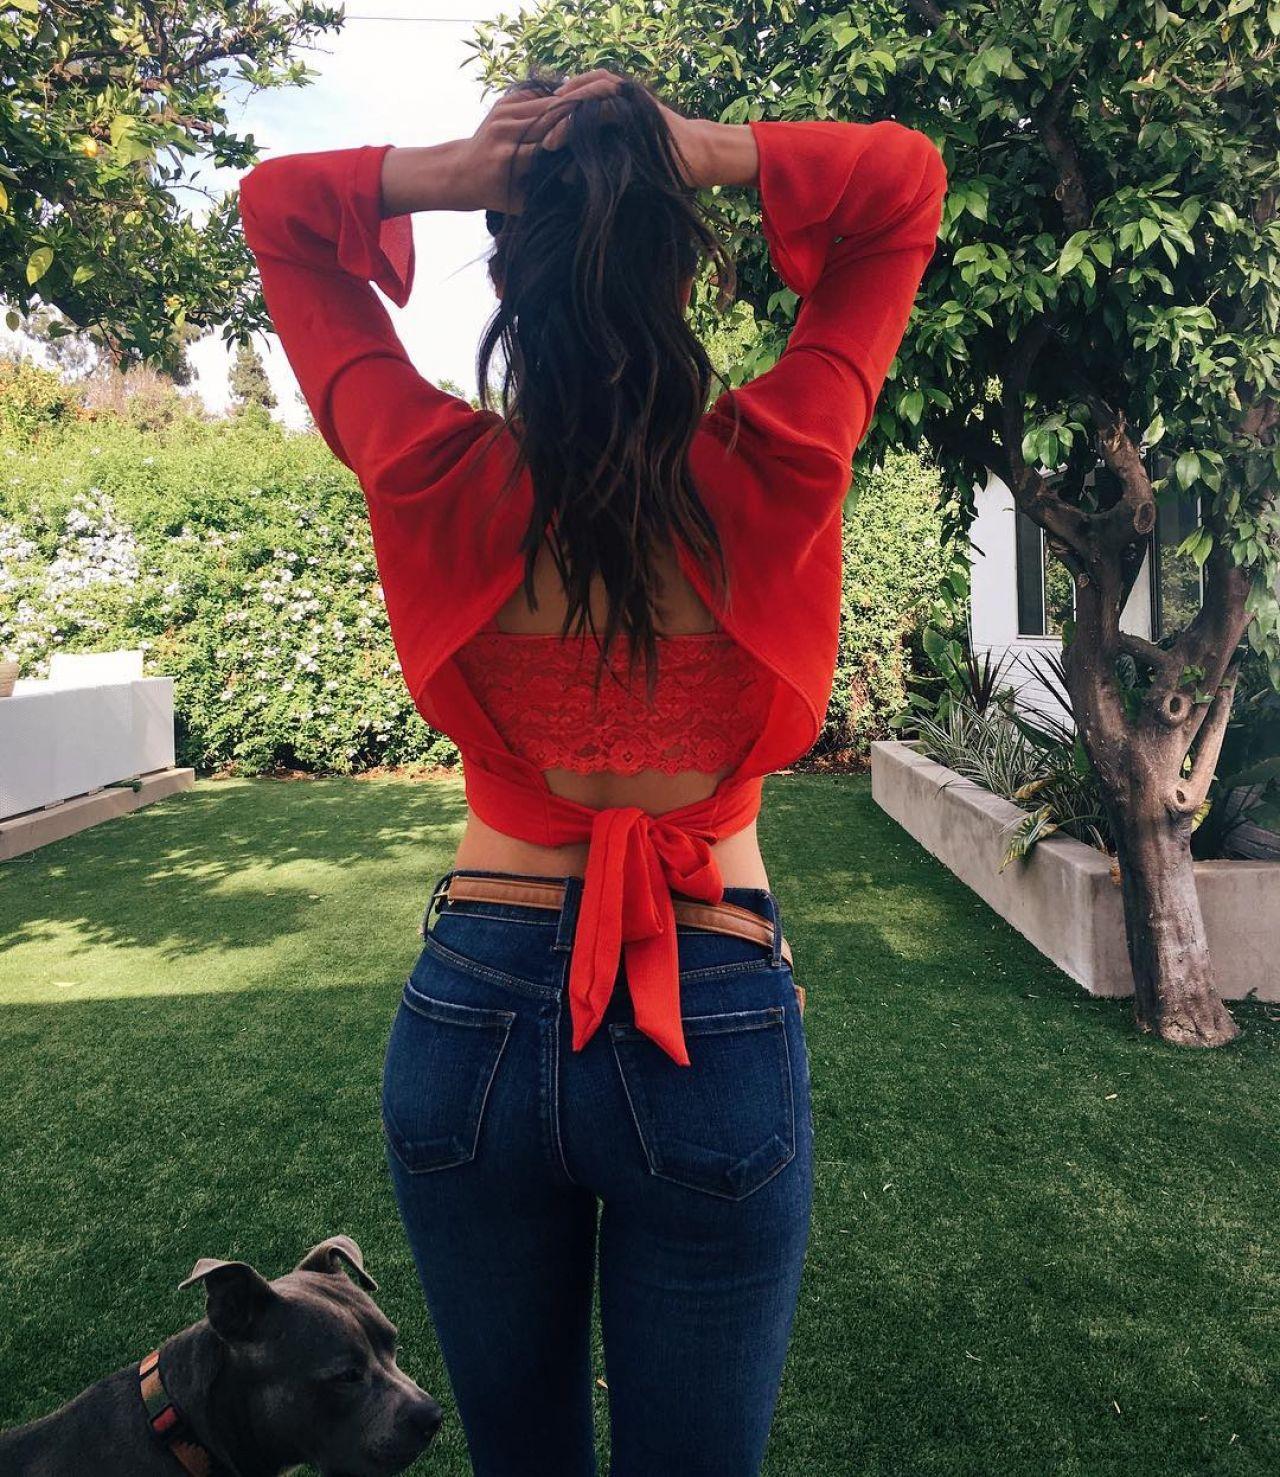 Daniella Monet Social Media Pics 05 08 2017